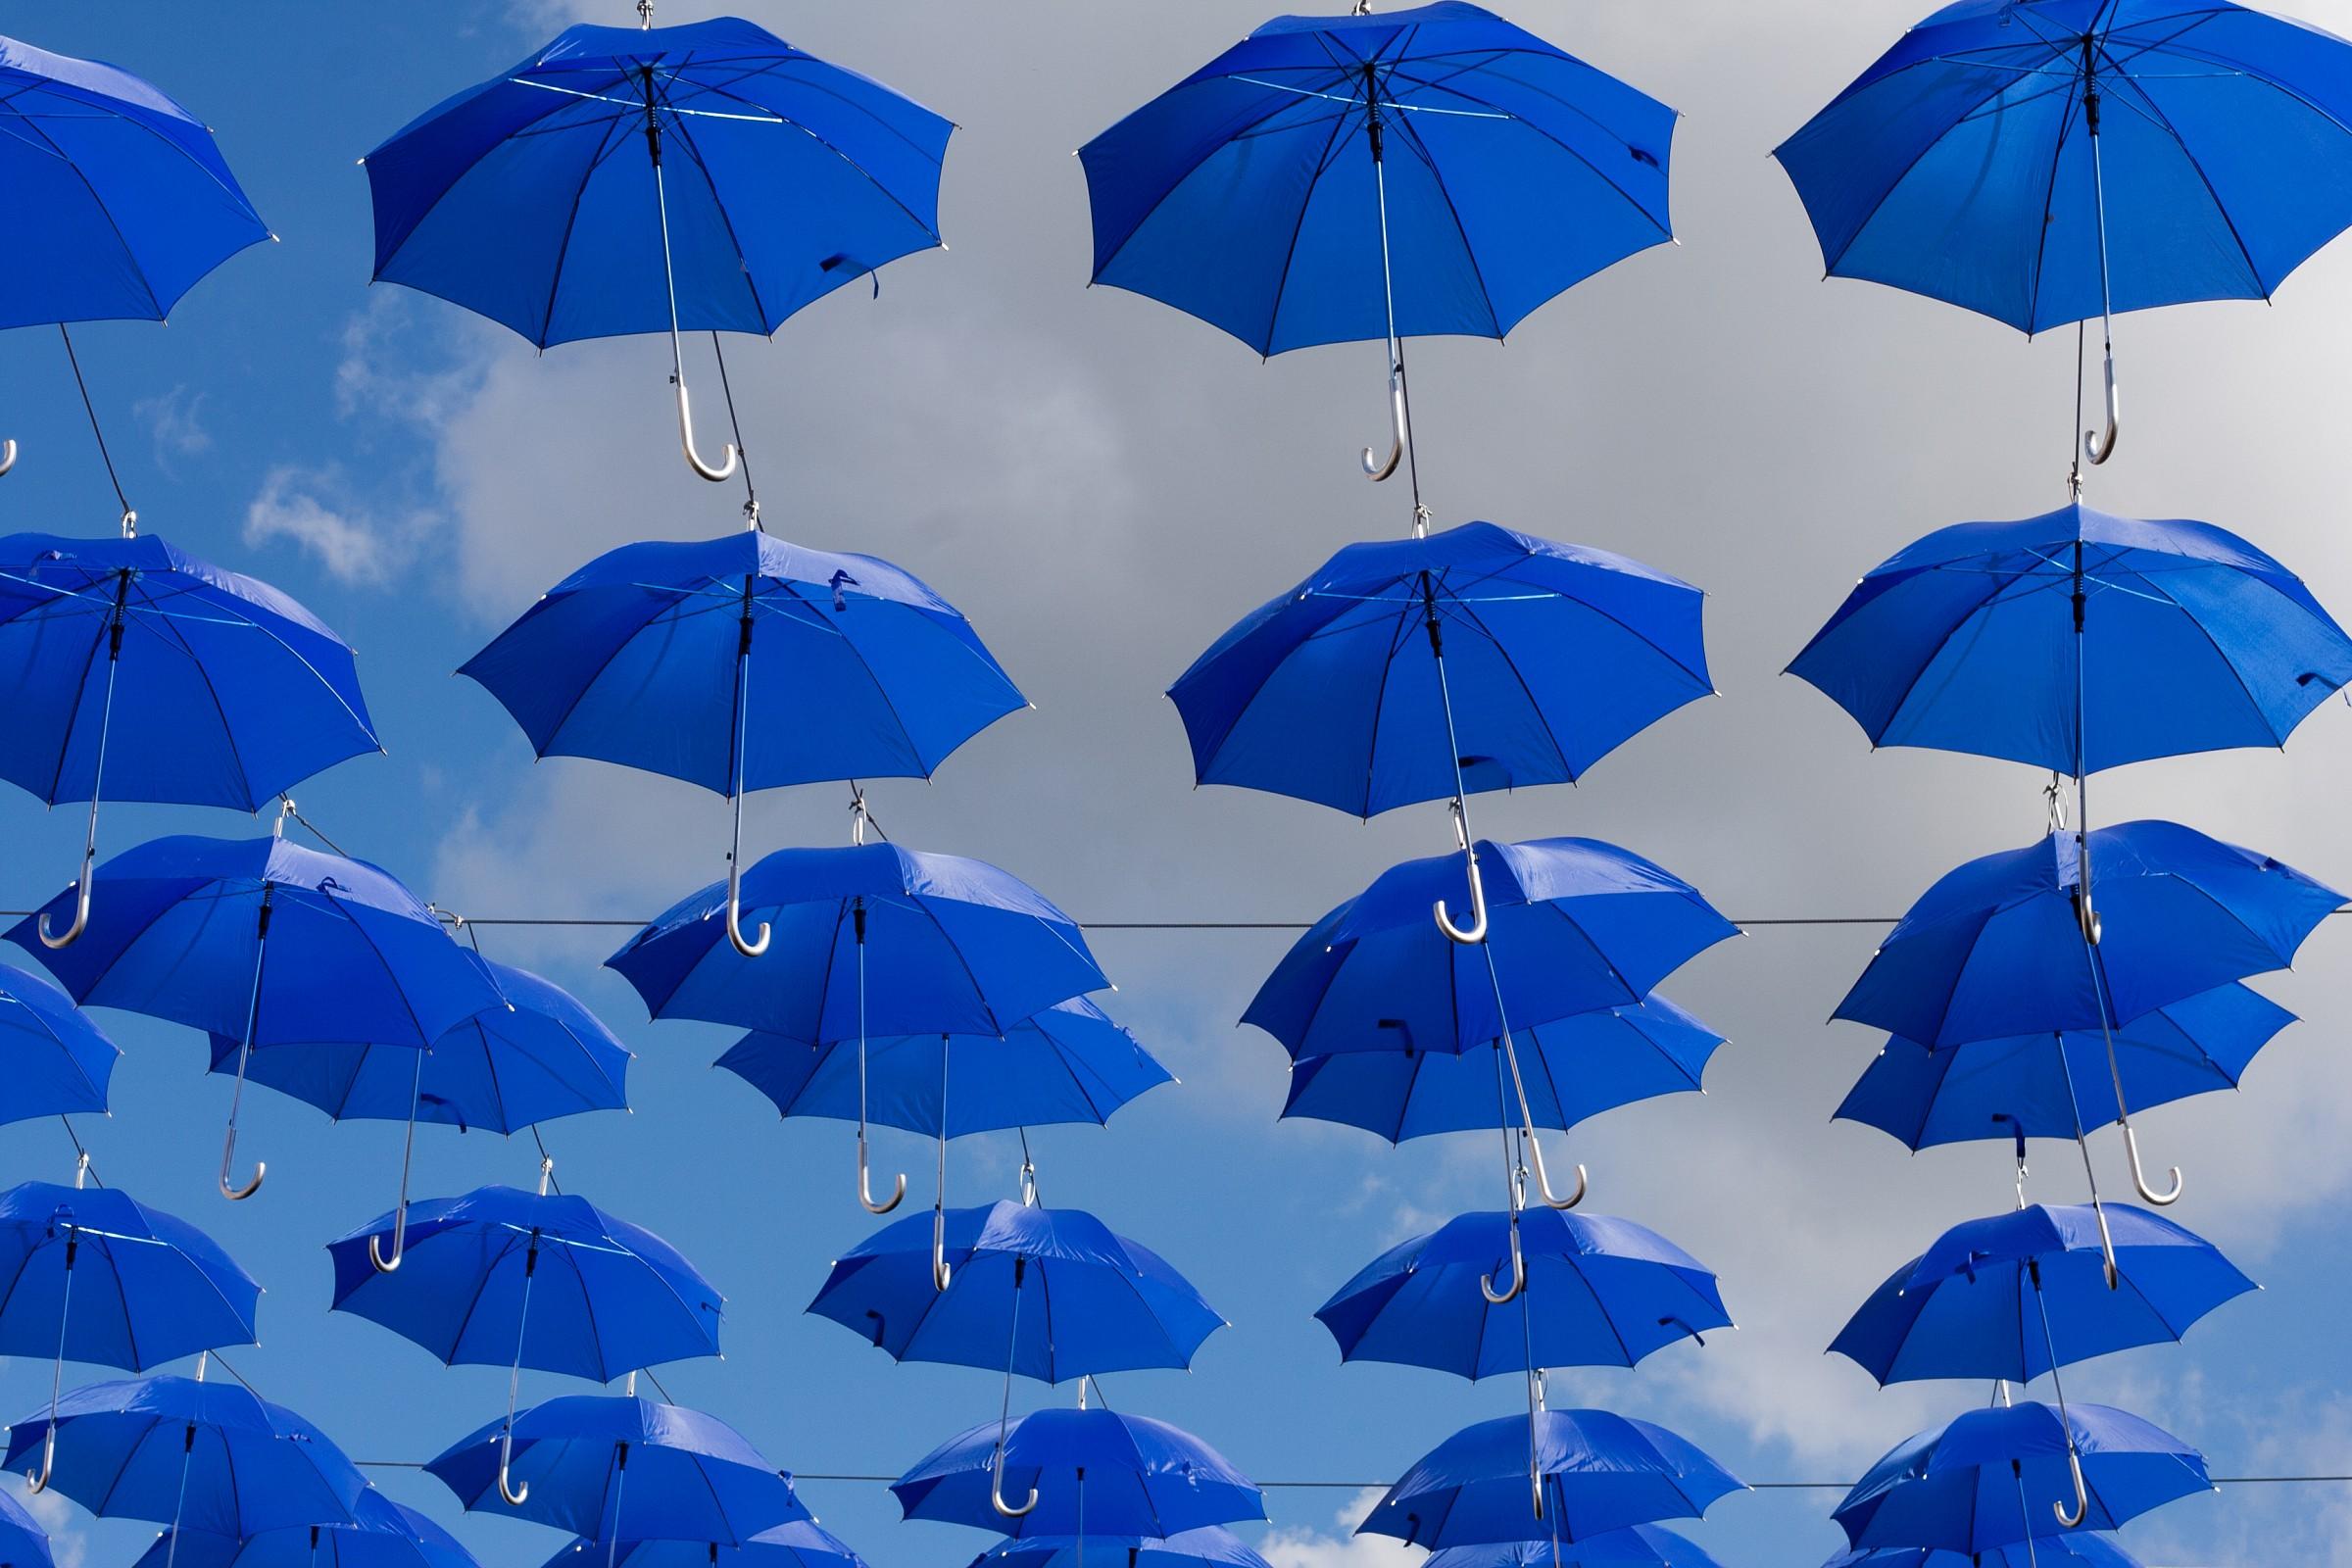 There's raining ... umbrellas...